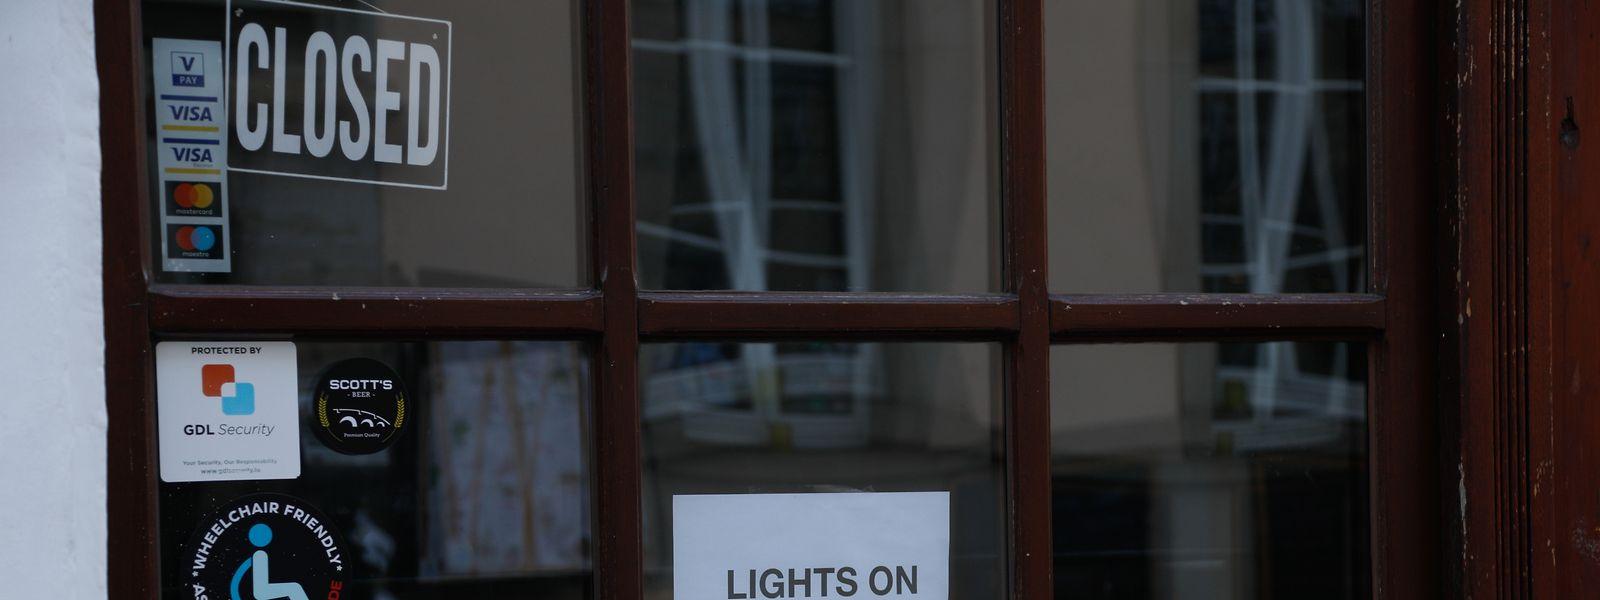 Les restaurateurs du mouvement #LightsOnLuxembourg laissent les lumières de leur établissement allumées pour montrer qu'ils sont toujours là.